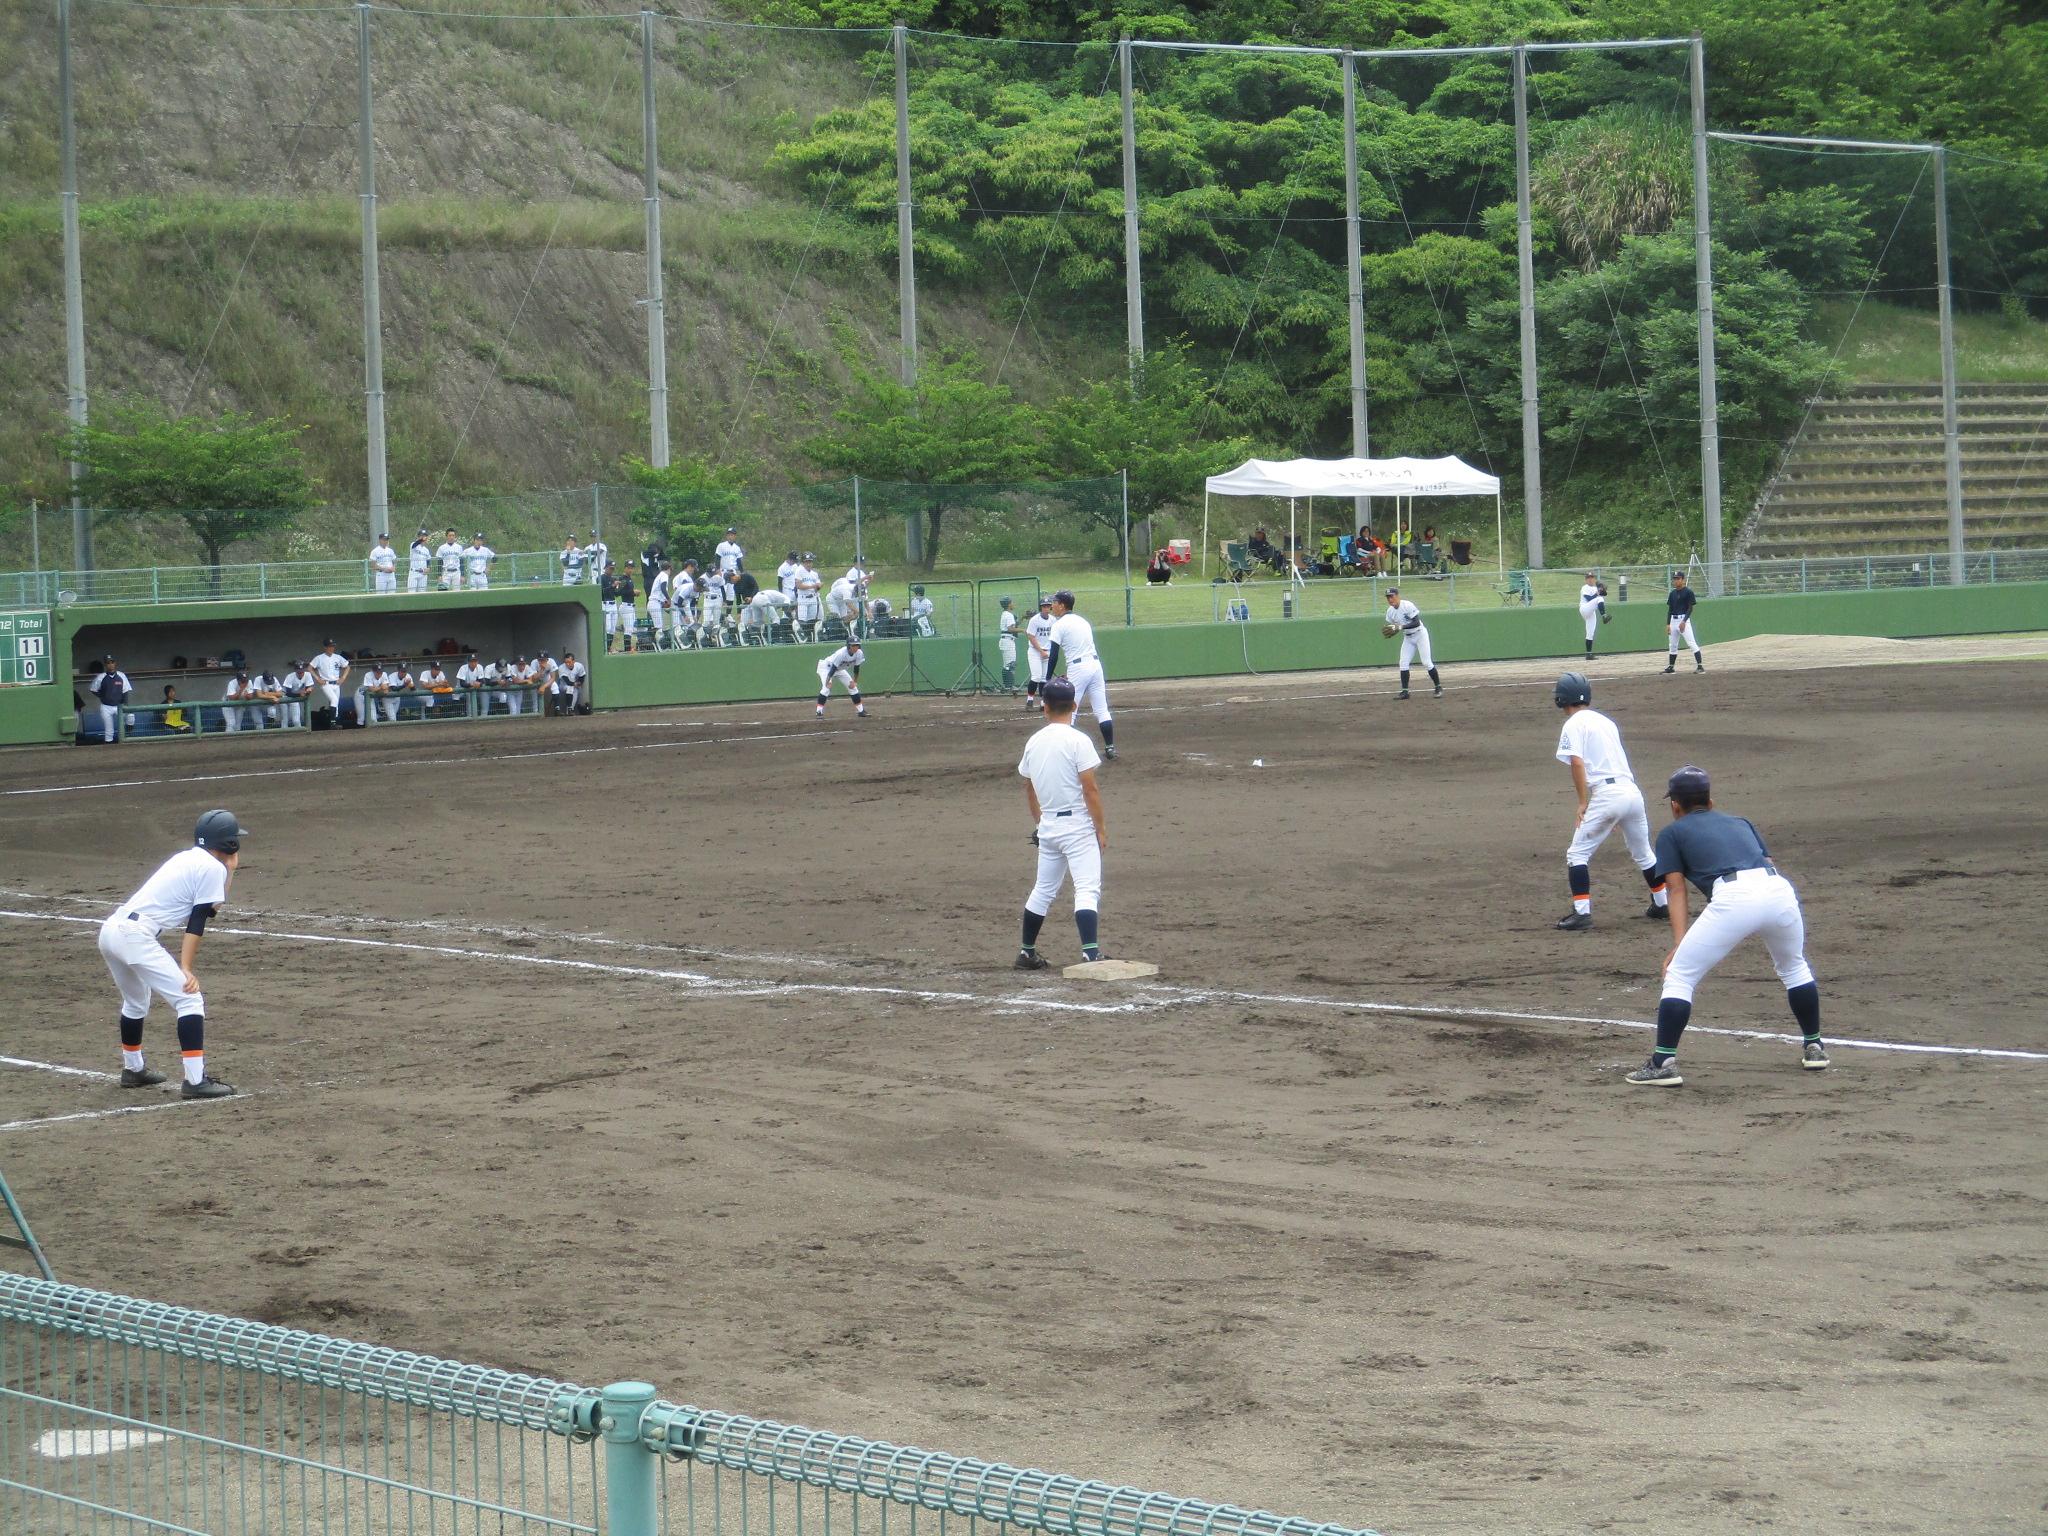 興譲館高等学校野球部様が練習試合を行っています。